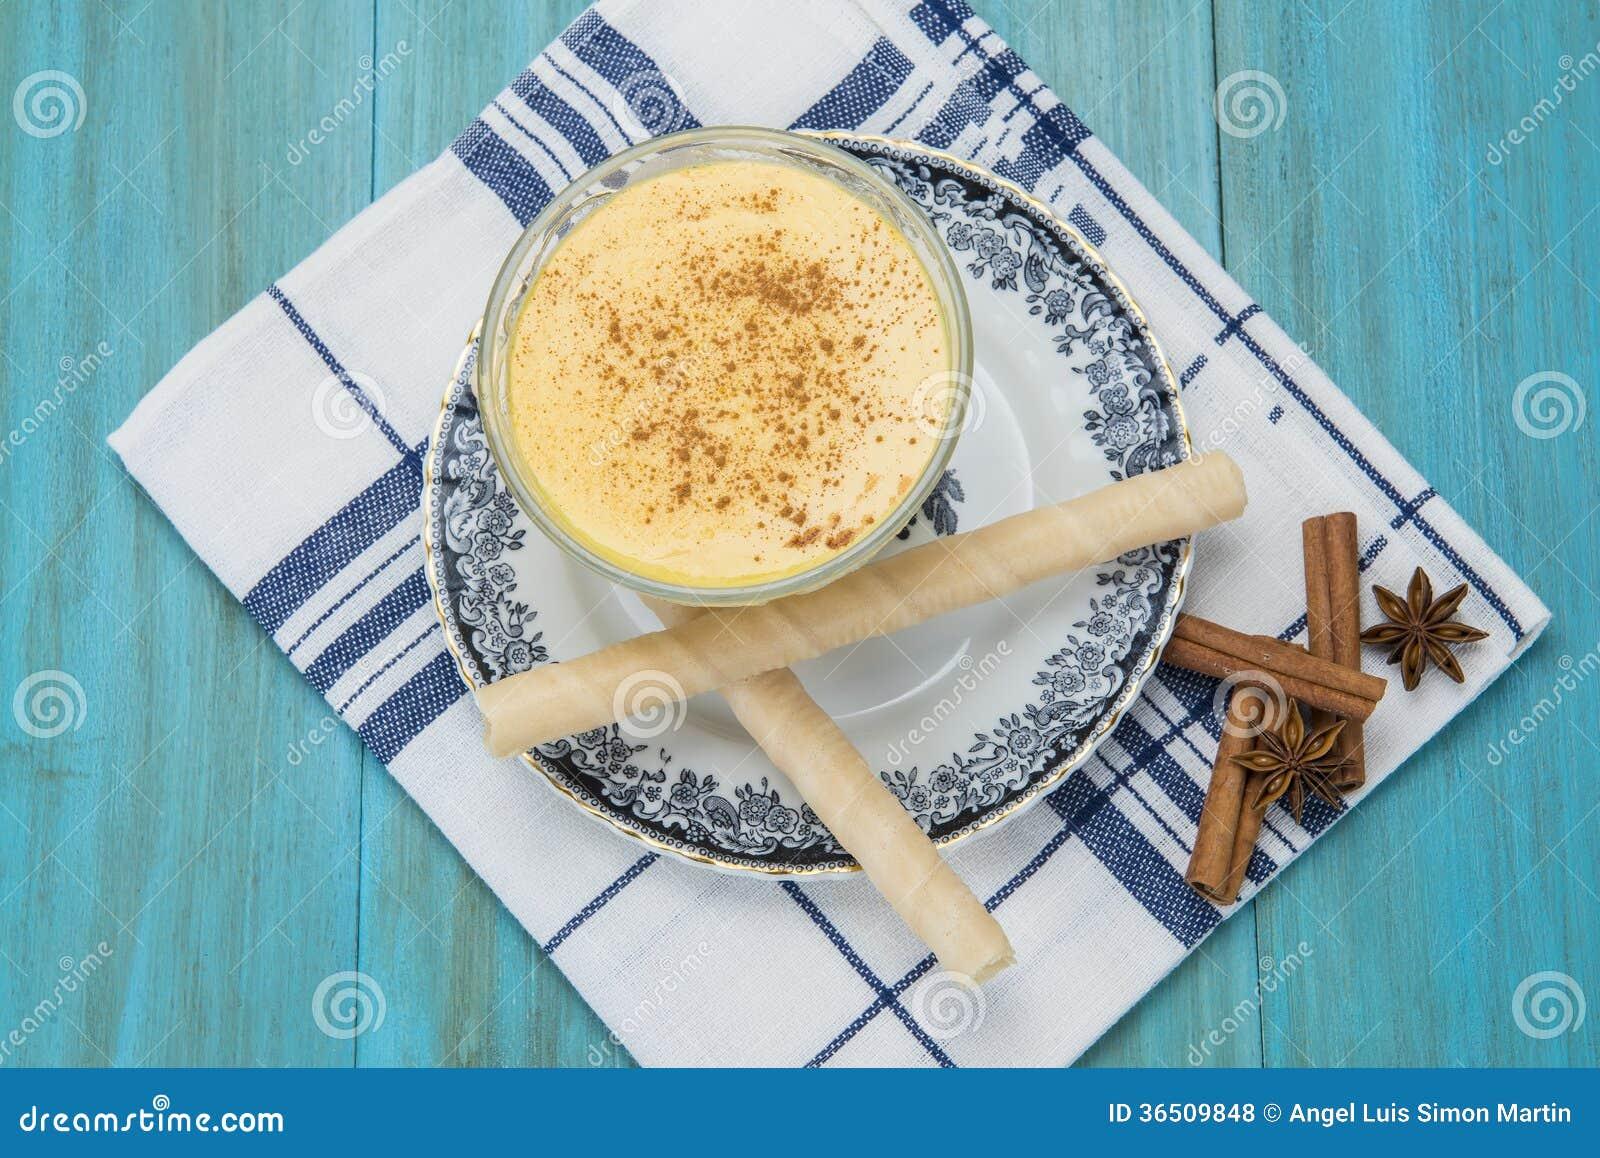 Dessert de crème anglaise dans une tasse en verre